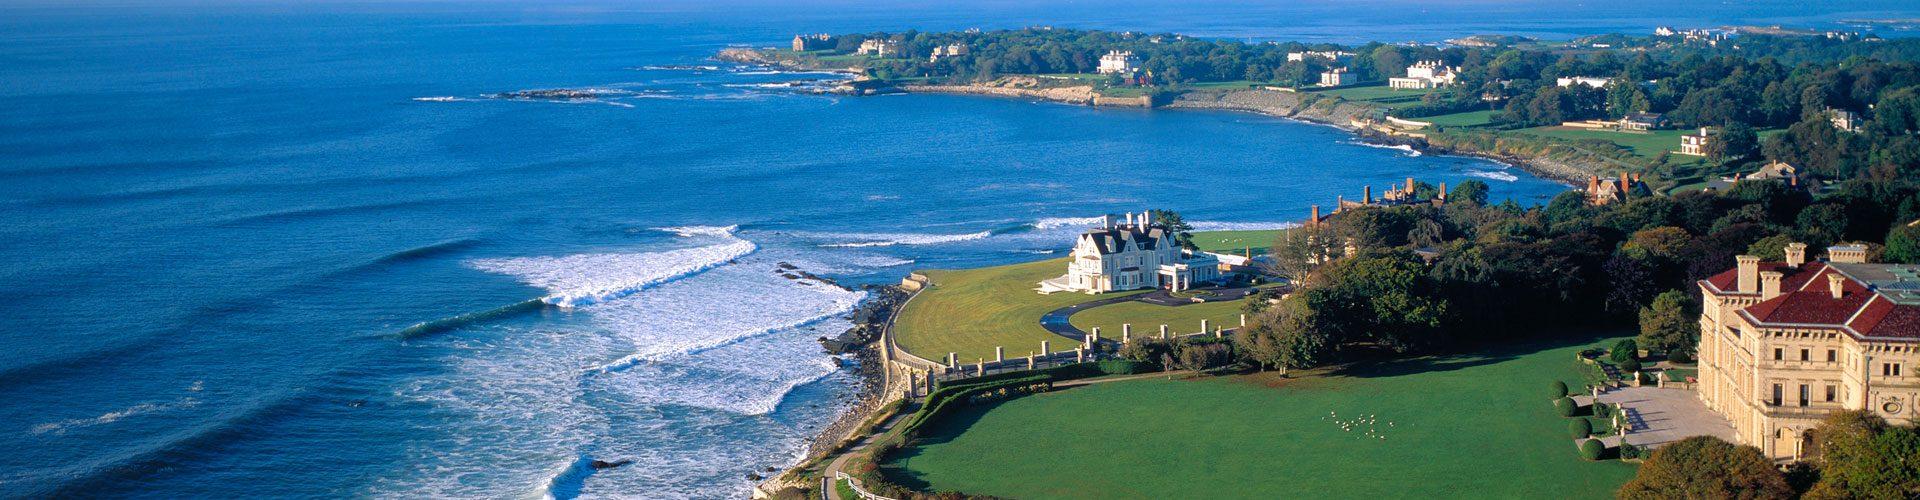 Küste mit Herrenhäusern, Newport, Rhode Island